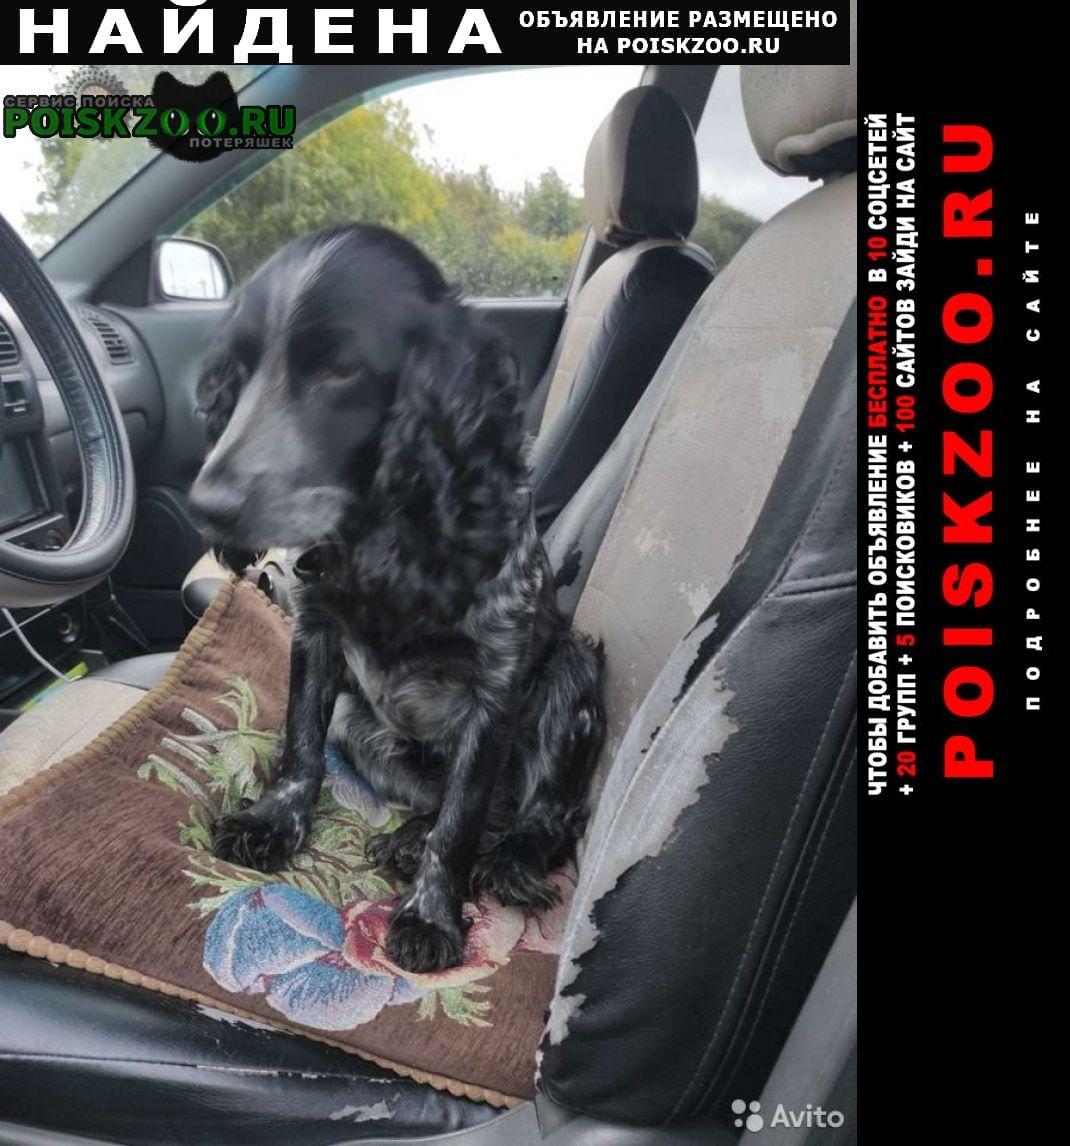 Найдена собака спаниель мамыри сосенское Москва